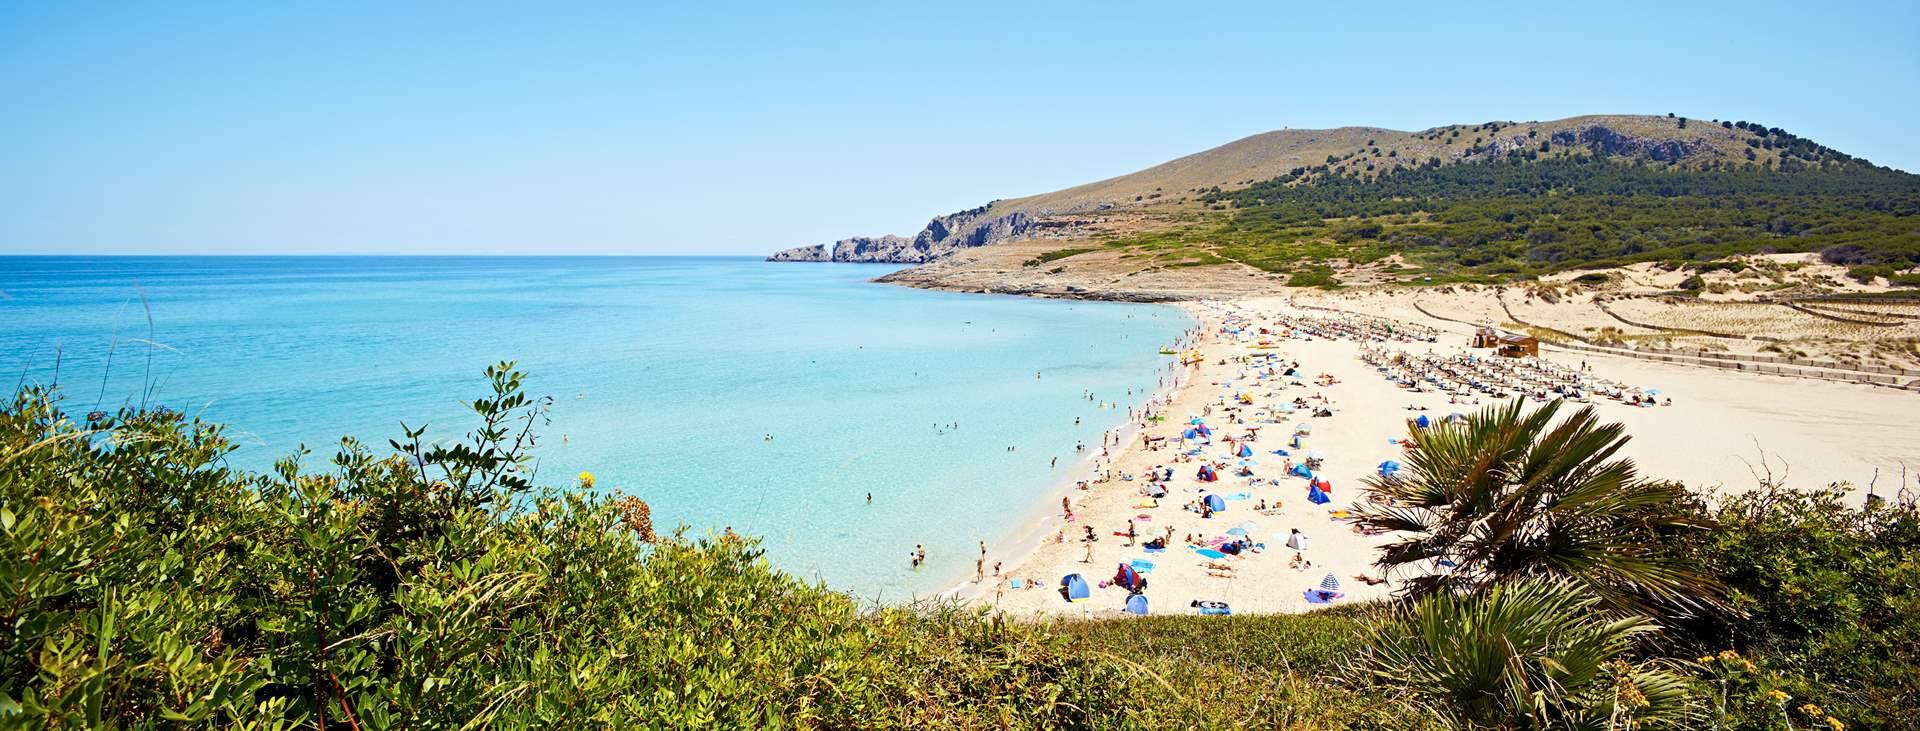 Bestill en reise til barnevennlige Cala Mesquida på Mallorca